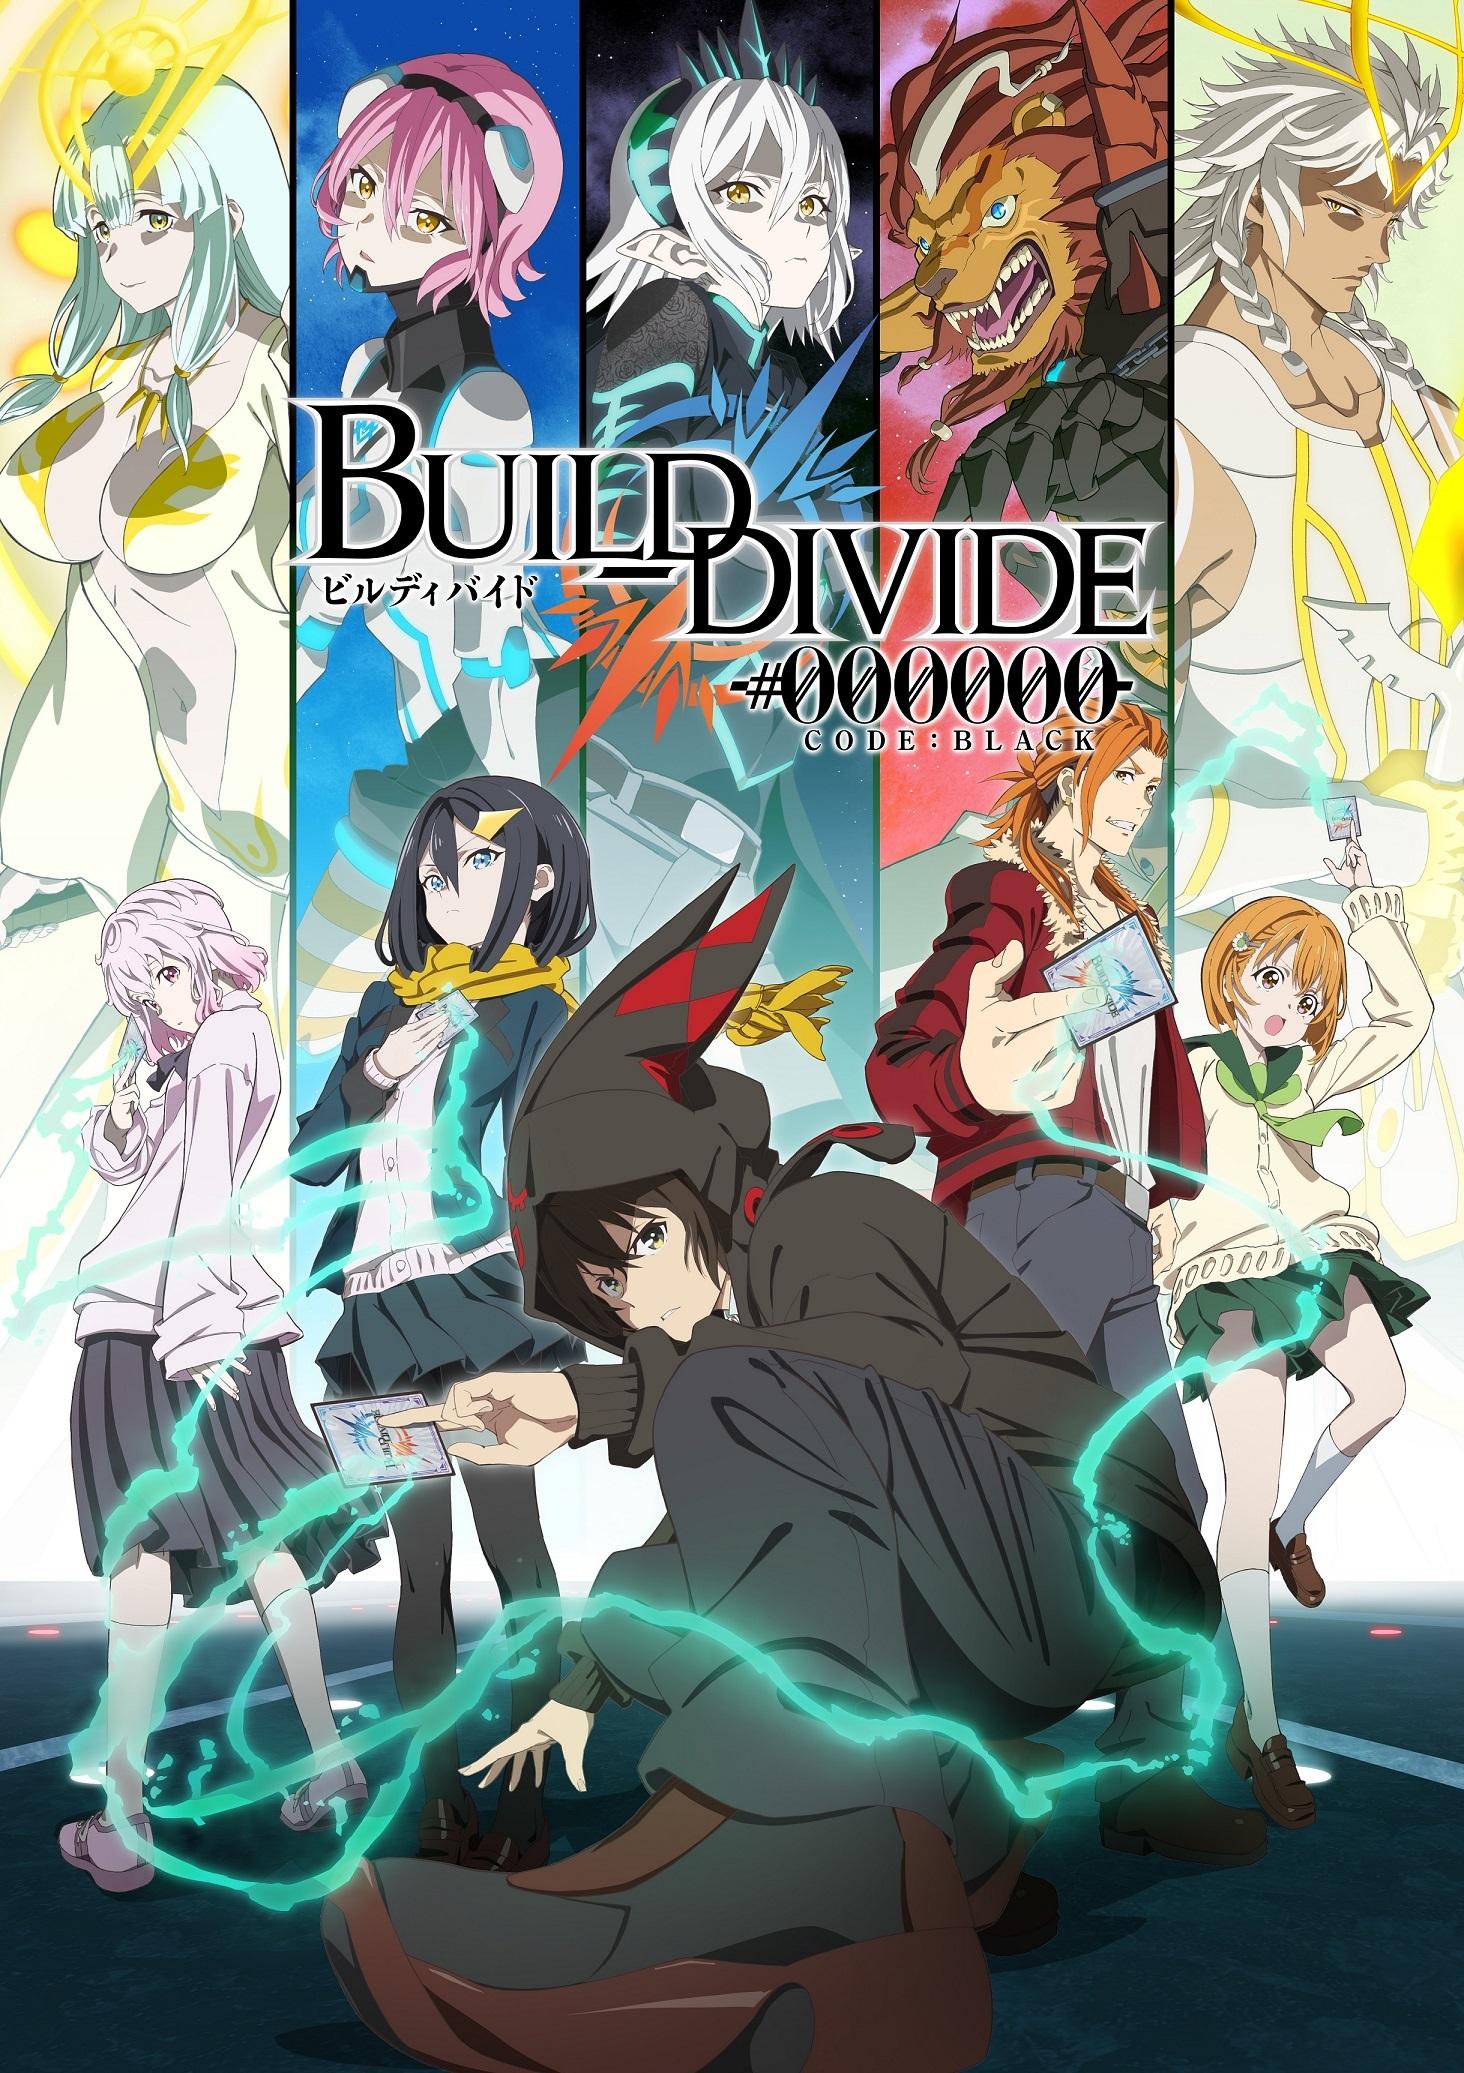 (c)build-divide project